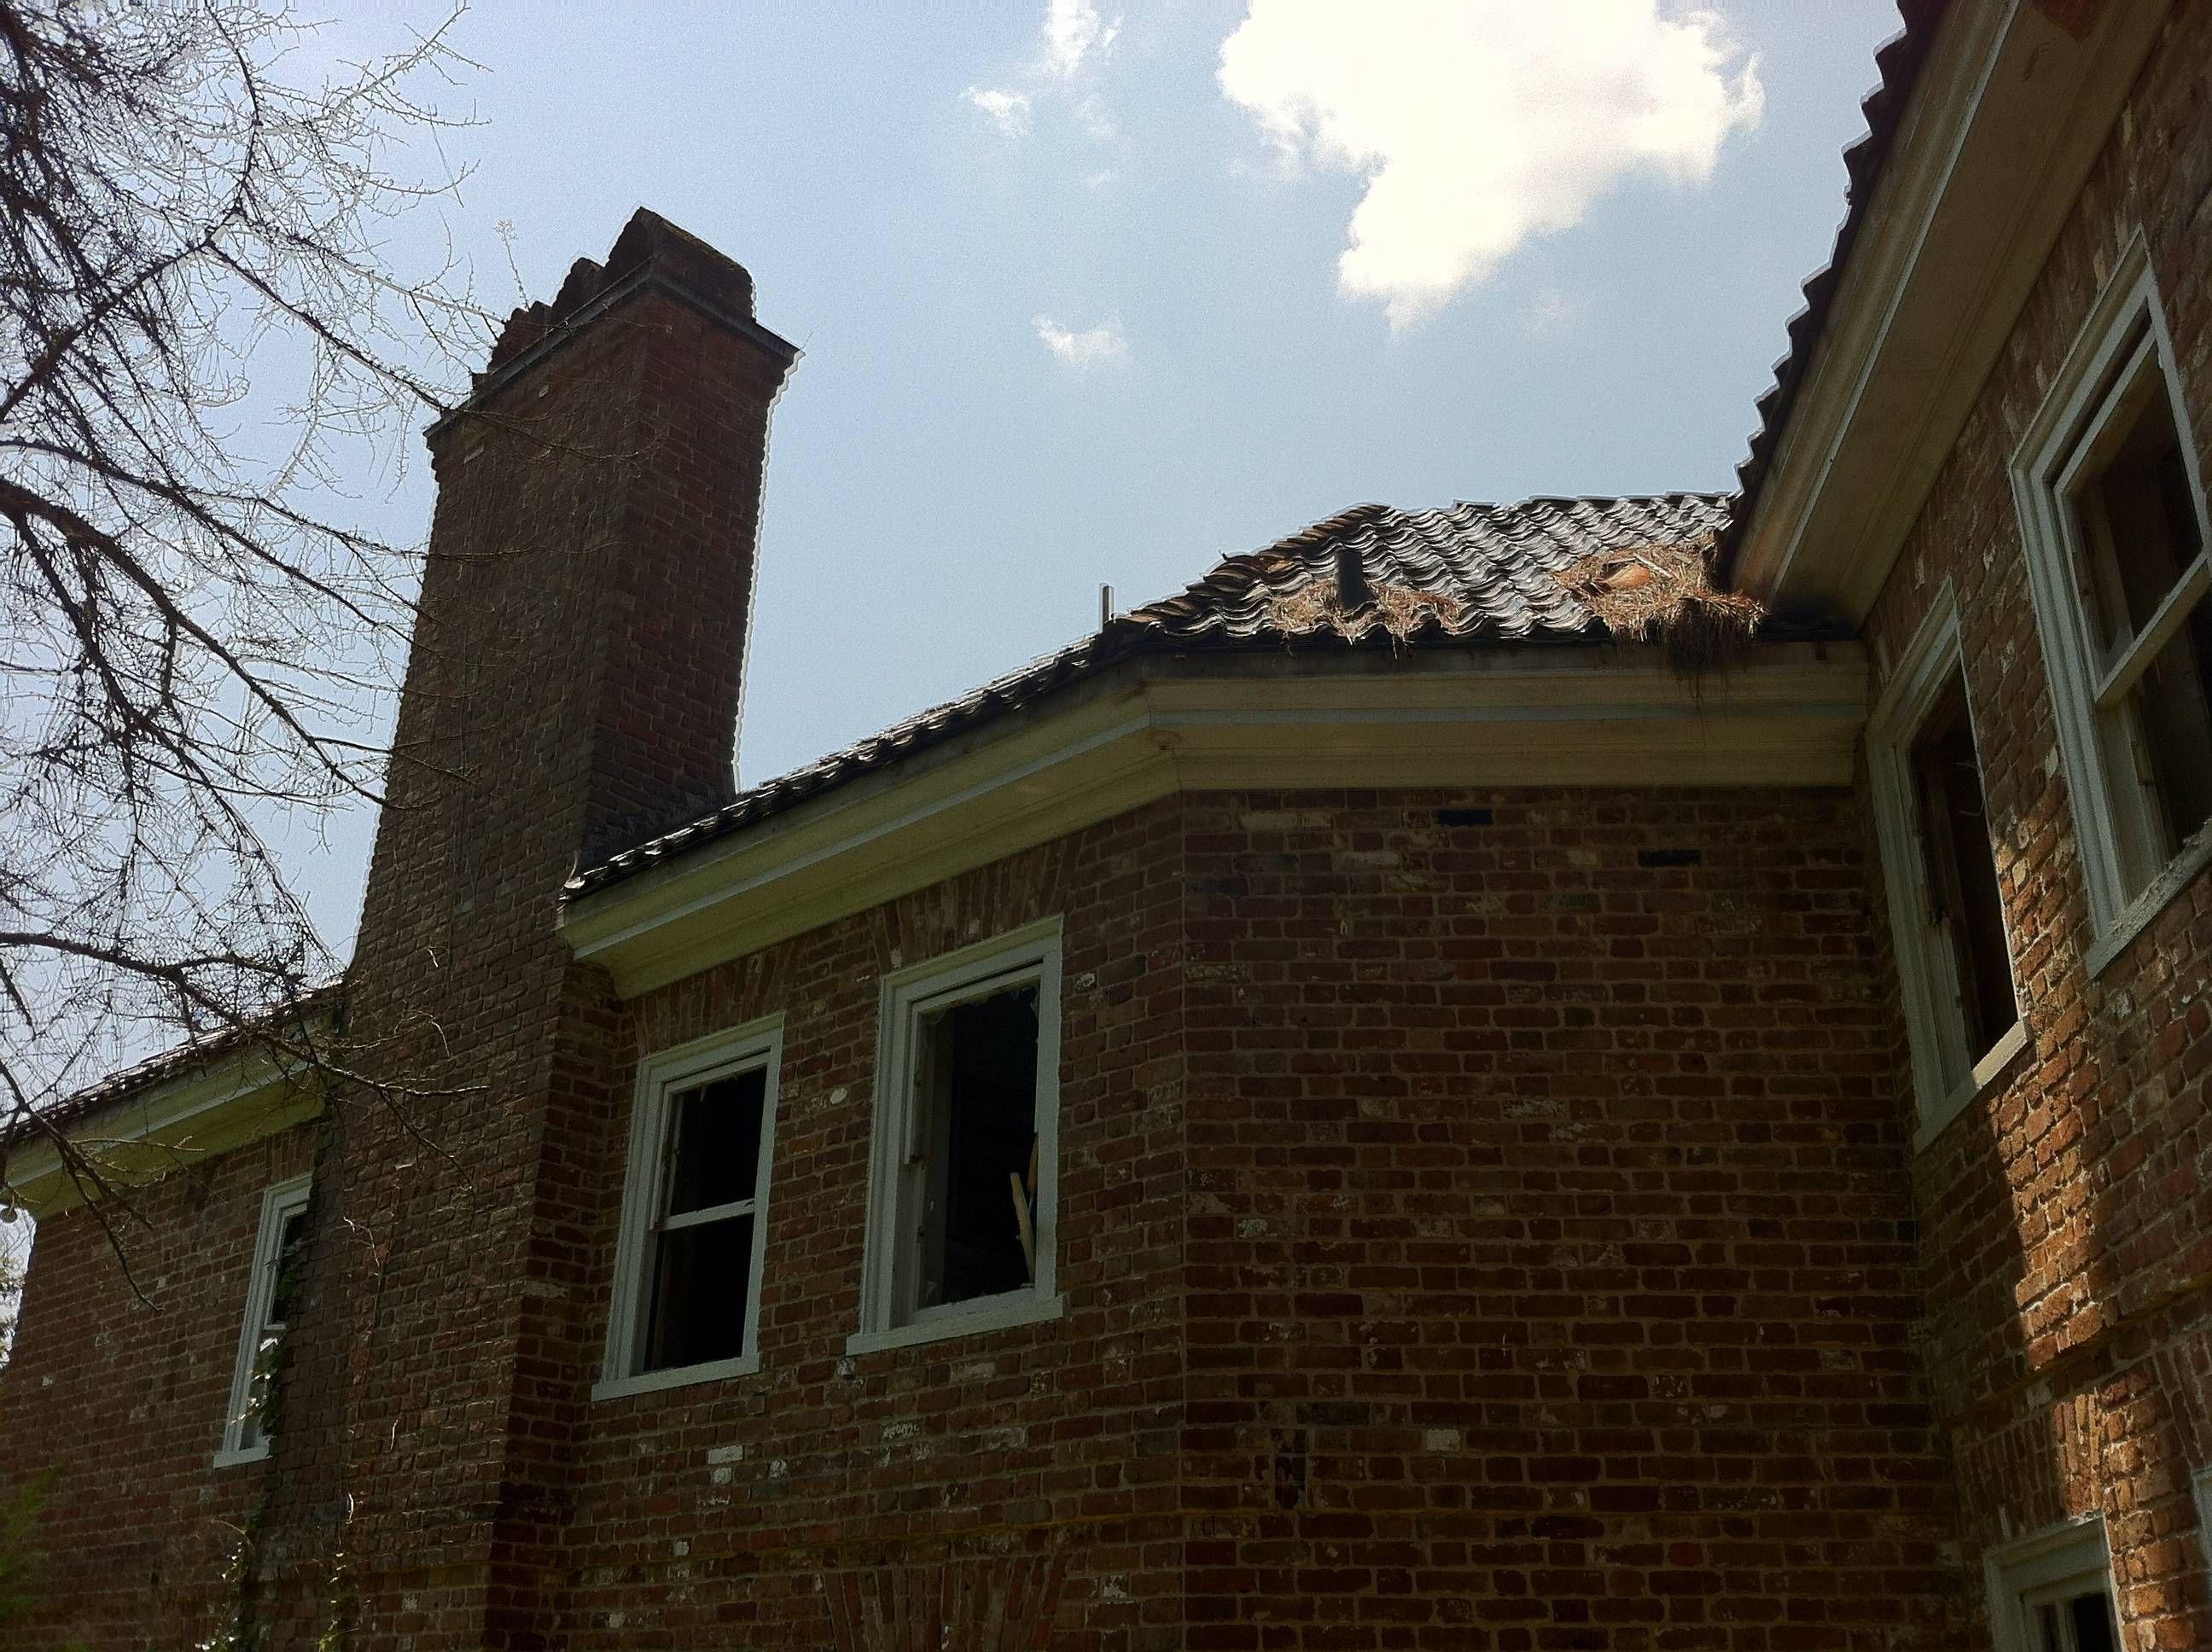 Abandoned Rockefeller mansion in Overhills, NC